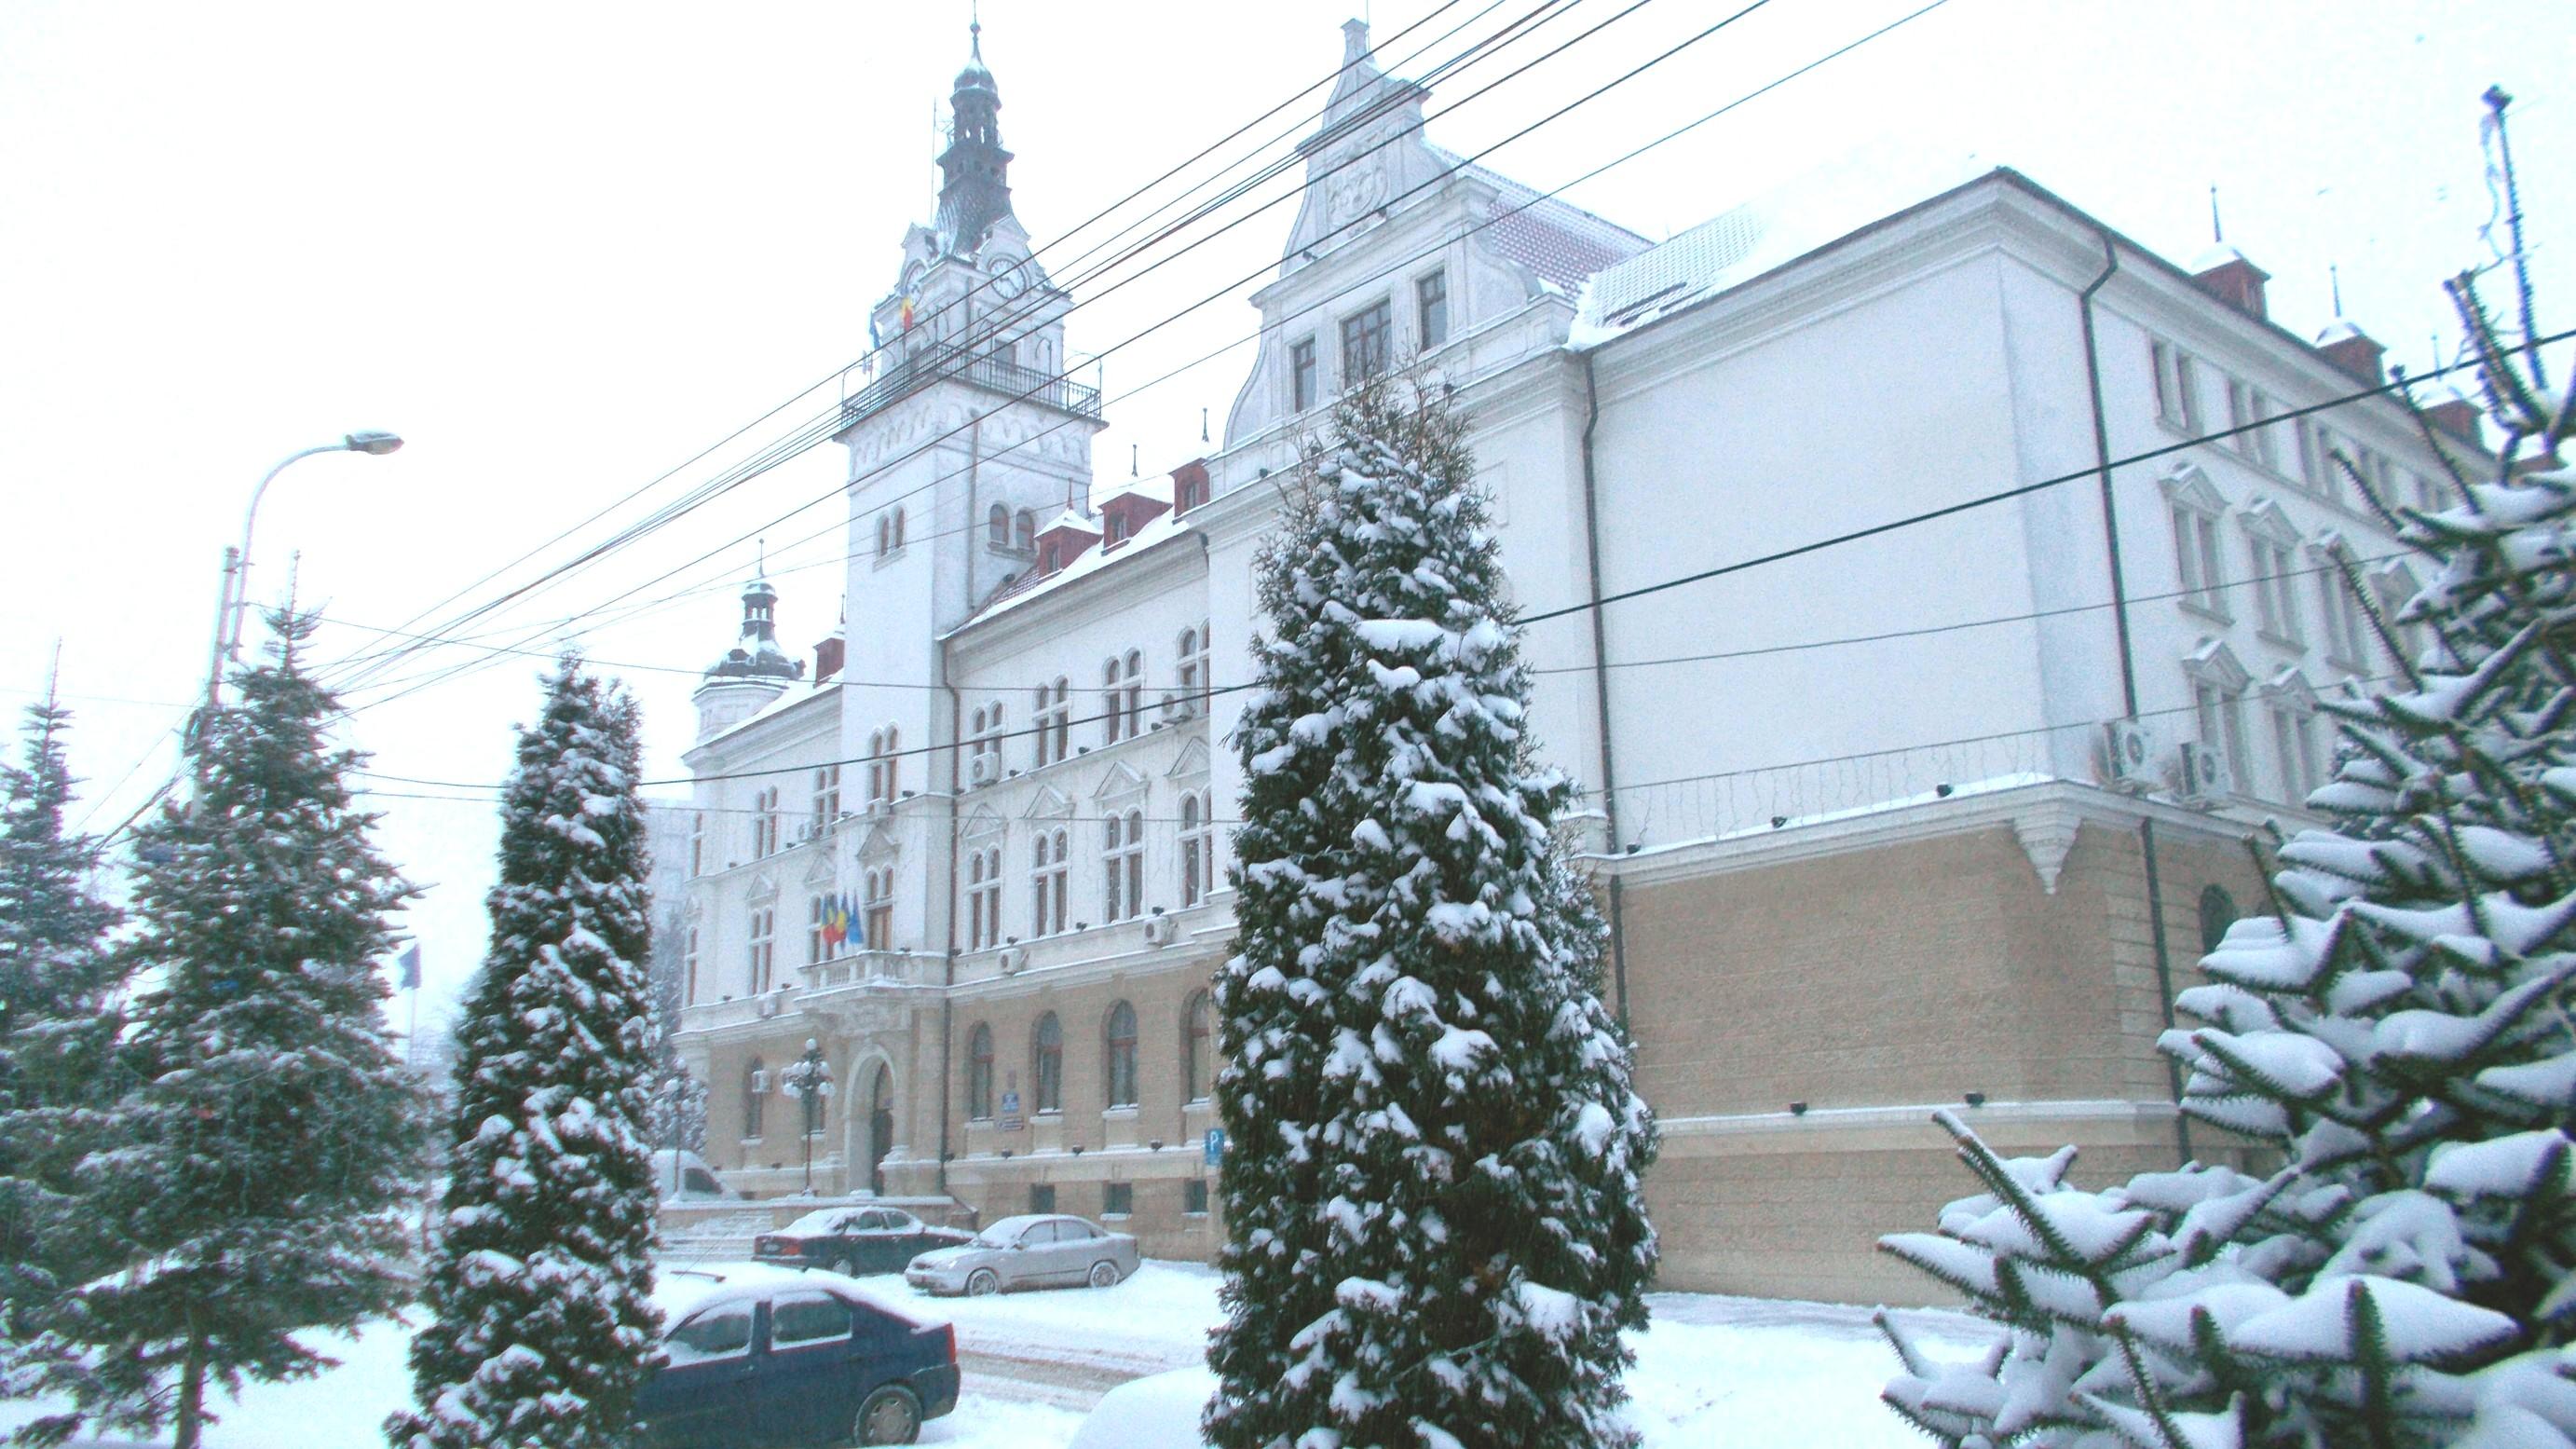 Mi-era dor să răsfoiesc zăpadă şi-mi era să îmi îngheţe muşchii-n povestiri de Gogol şi de Gorki şi-n poeme sigure de Puşkin